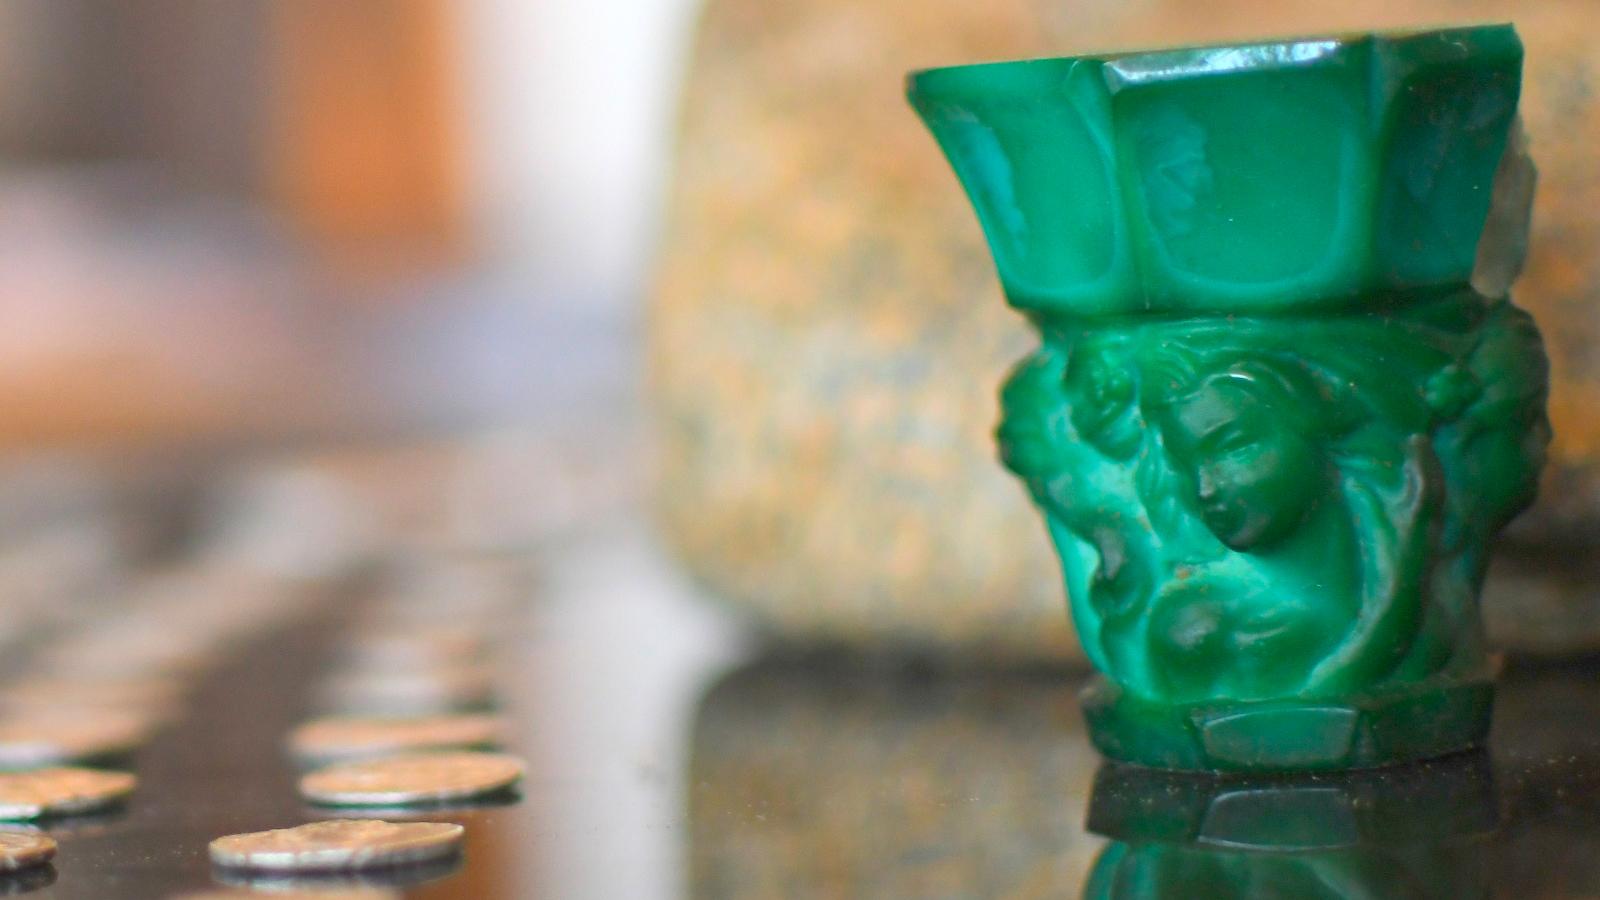 Les autorités israéliennes ont récupéré un trésor d'artefacts archéologiques volés sur des sites de l'ancien Israël, de la Méditerranée, du Moyen-Orient, de l'Afrique et même de l'Amérique du Sud.  Les découvertes vont des pièces d'or aux statues de bronze en passant par les sarcophages égyptiens.